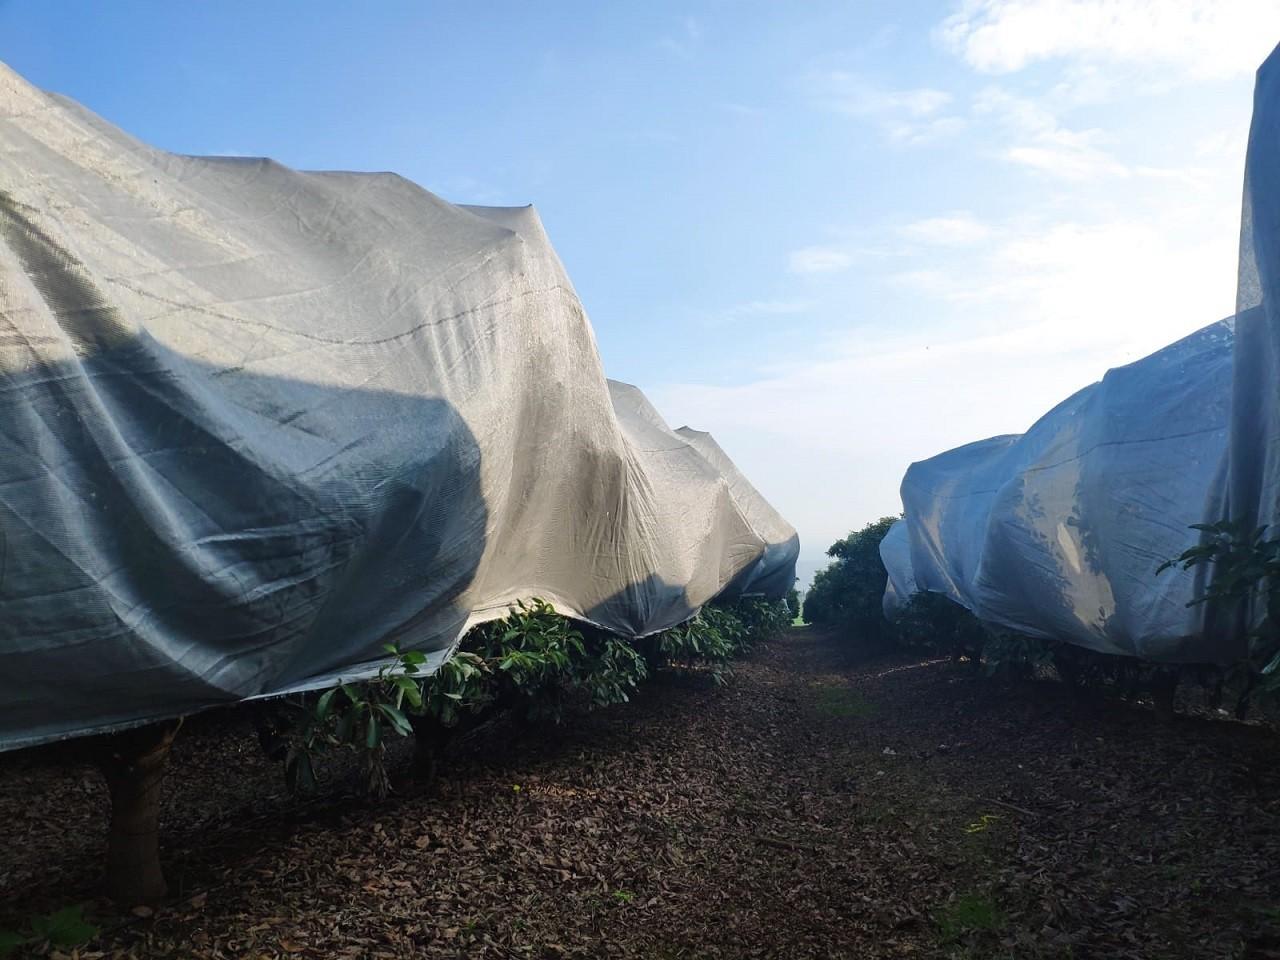 כיסוי עצי אבוקדו ברשתות קיבוץ כפר הנשיא הגנה על עצי אבוקדו